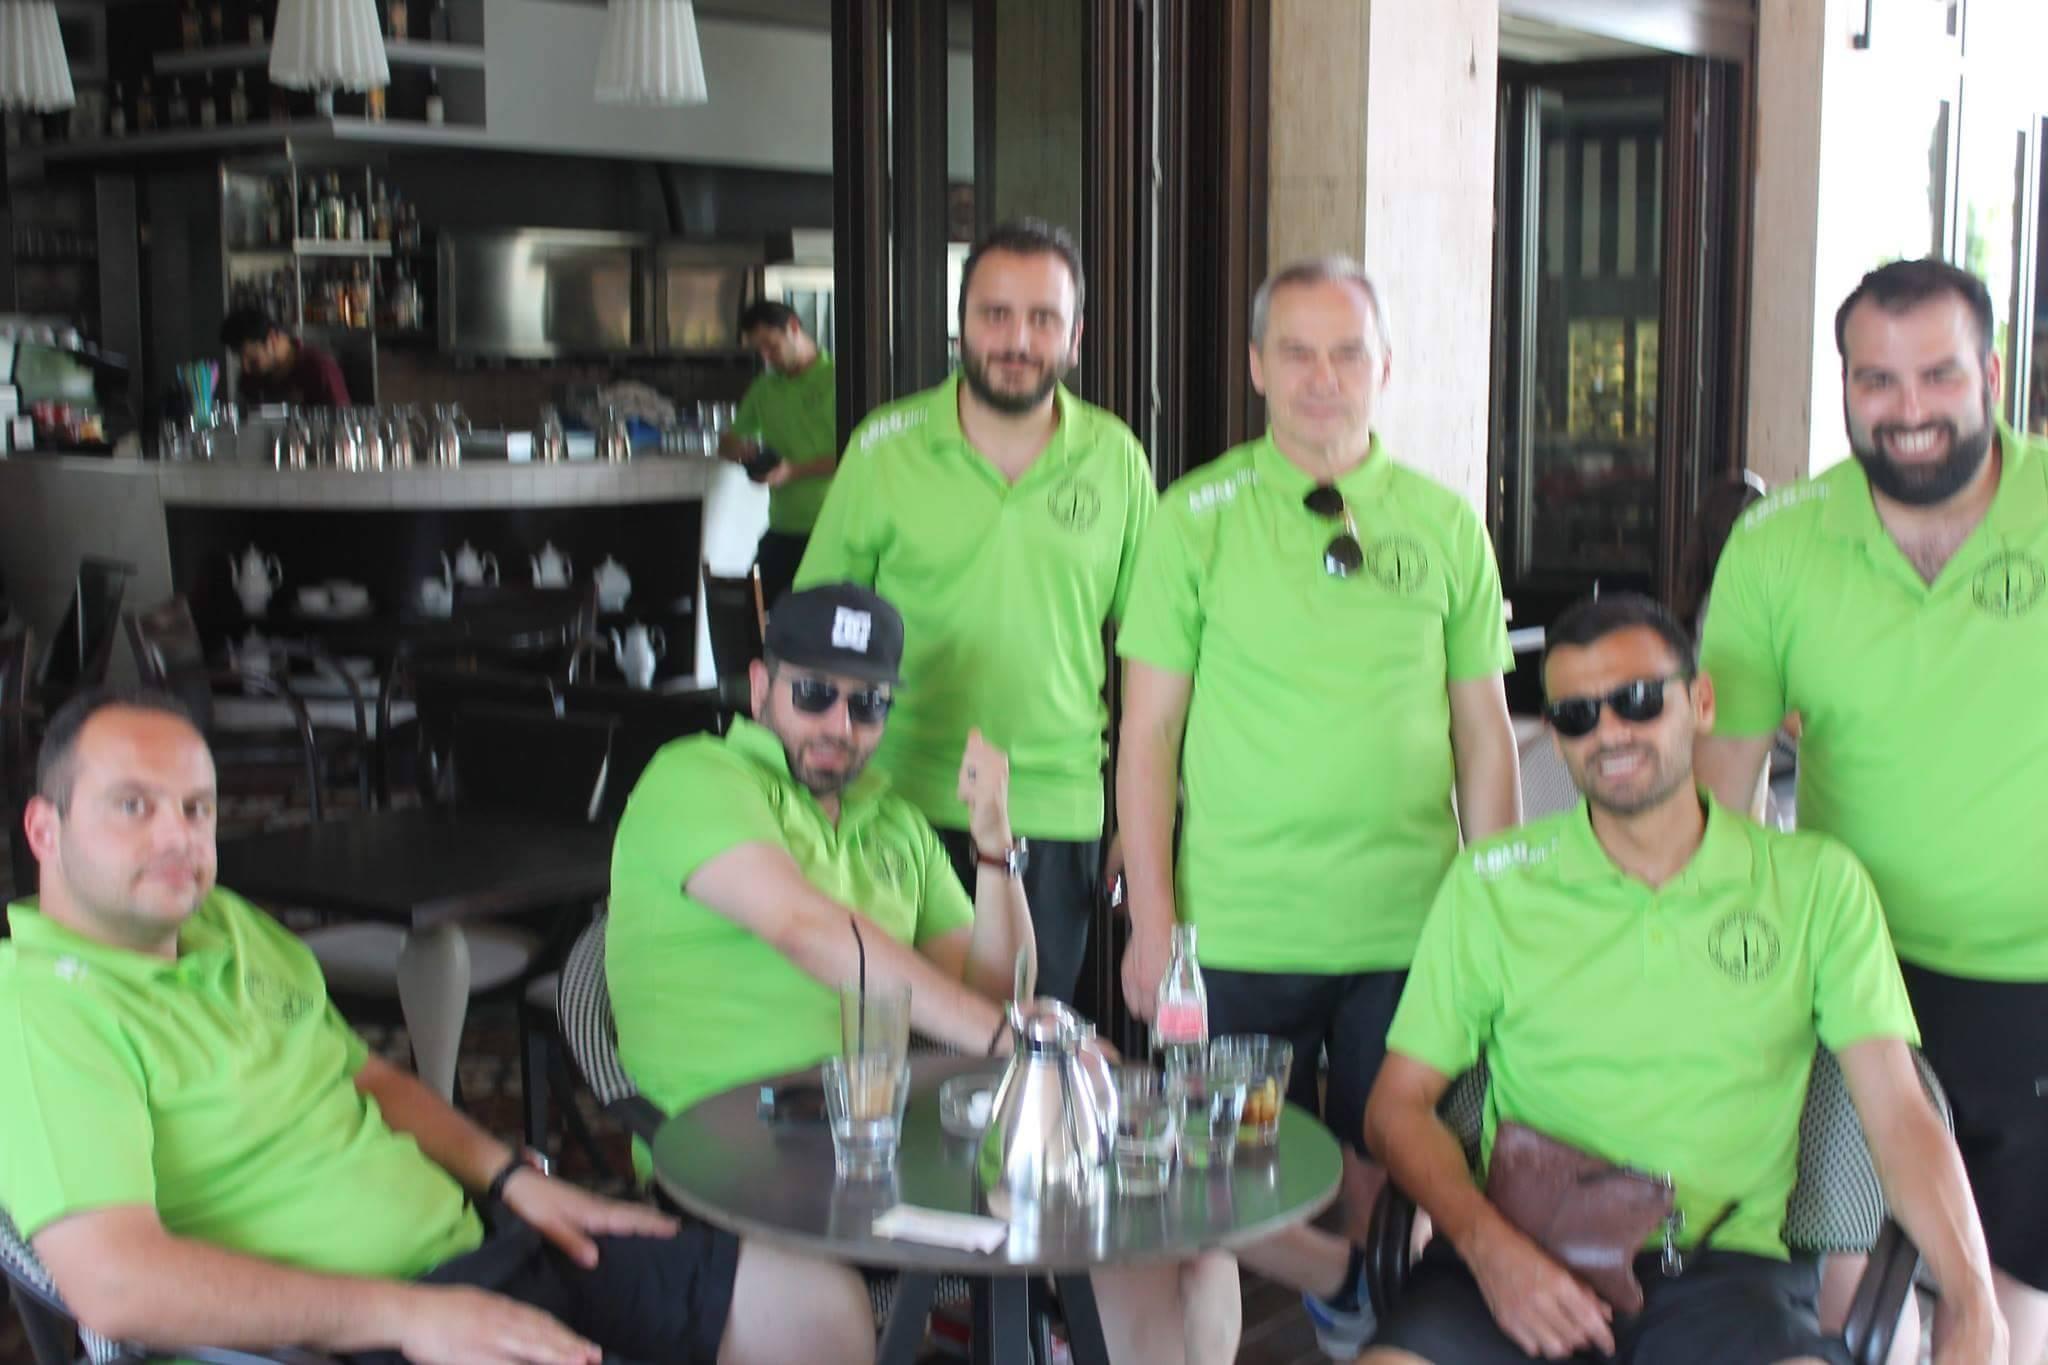 Αναχώρησε για το Αγρίνιο η αποστολή της ποδοσφαιρικής ομάδος του Δικηγορικού Συλλόγου Κοζάνης (Φωτογραφίες)